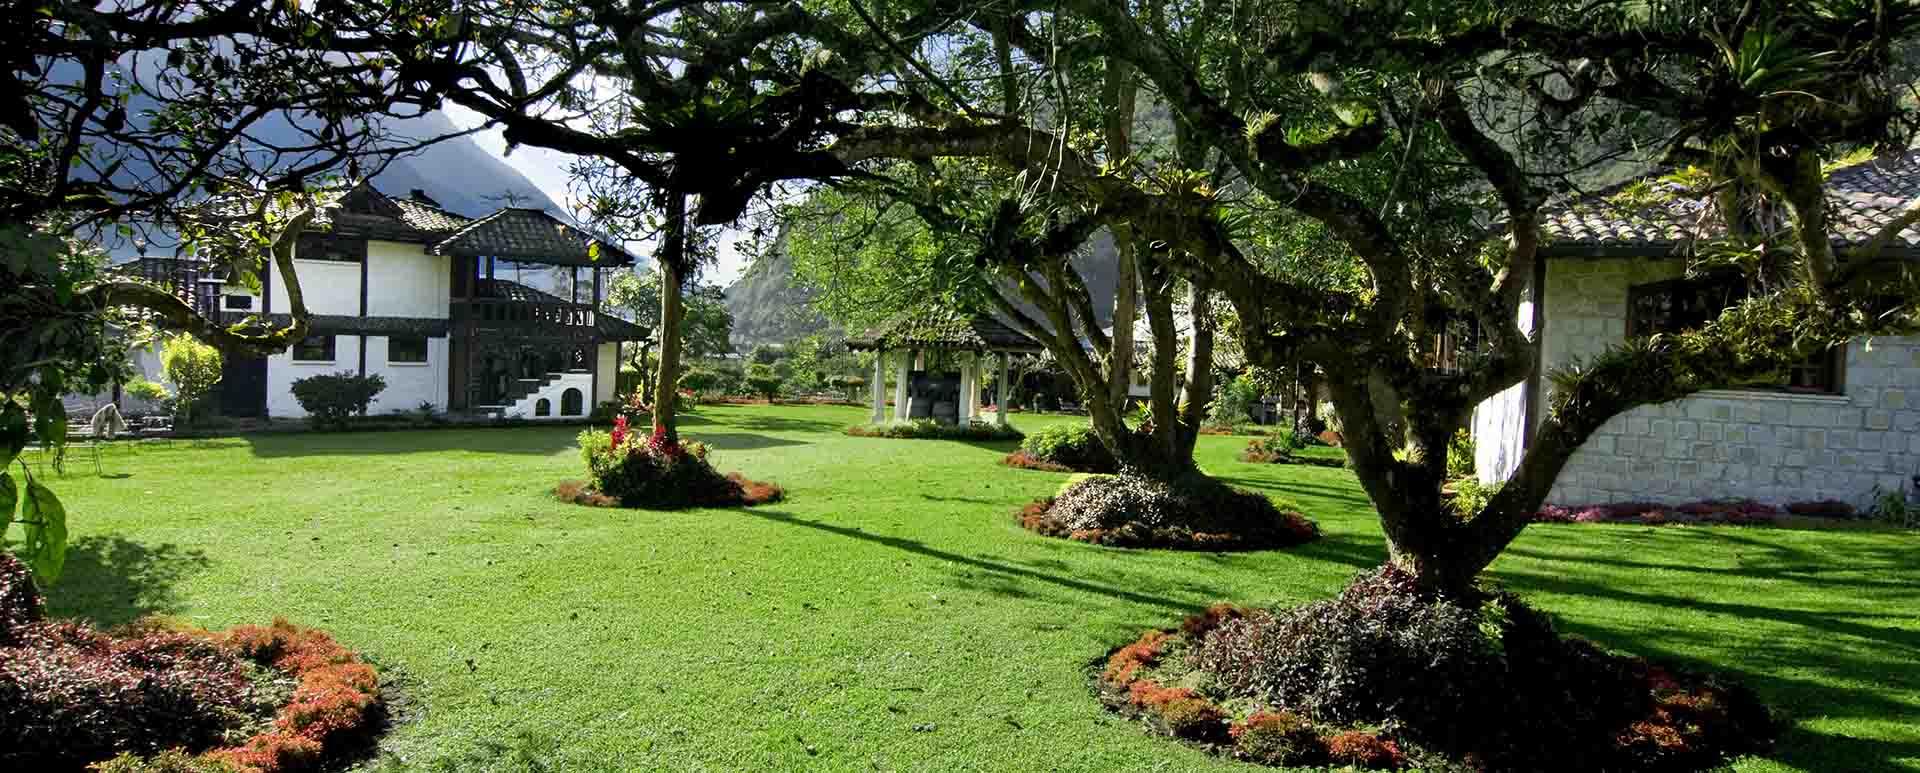 Samari Spa & Resort garden